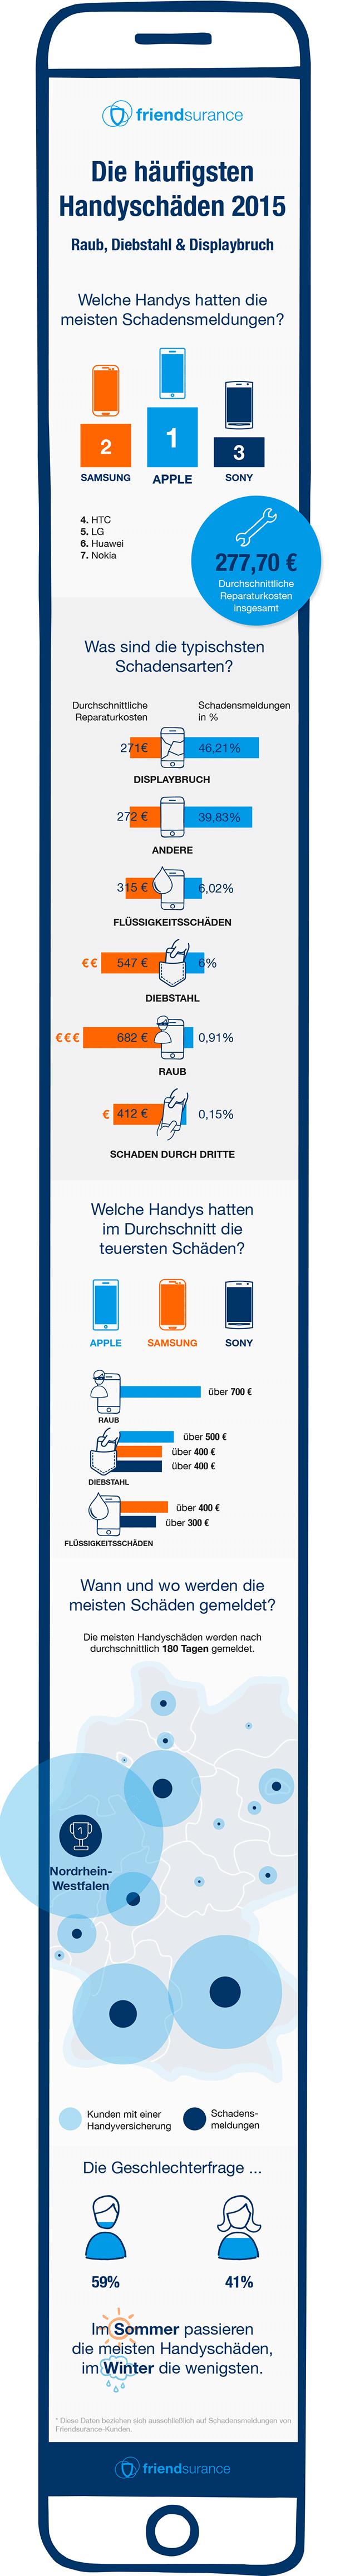 Friendsurance-Infografik-Handyschäden-2015 (1)